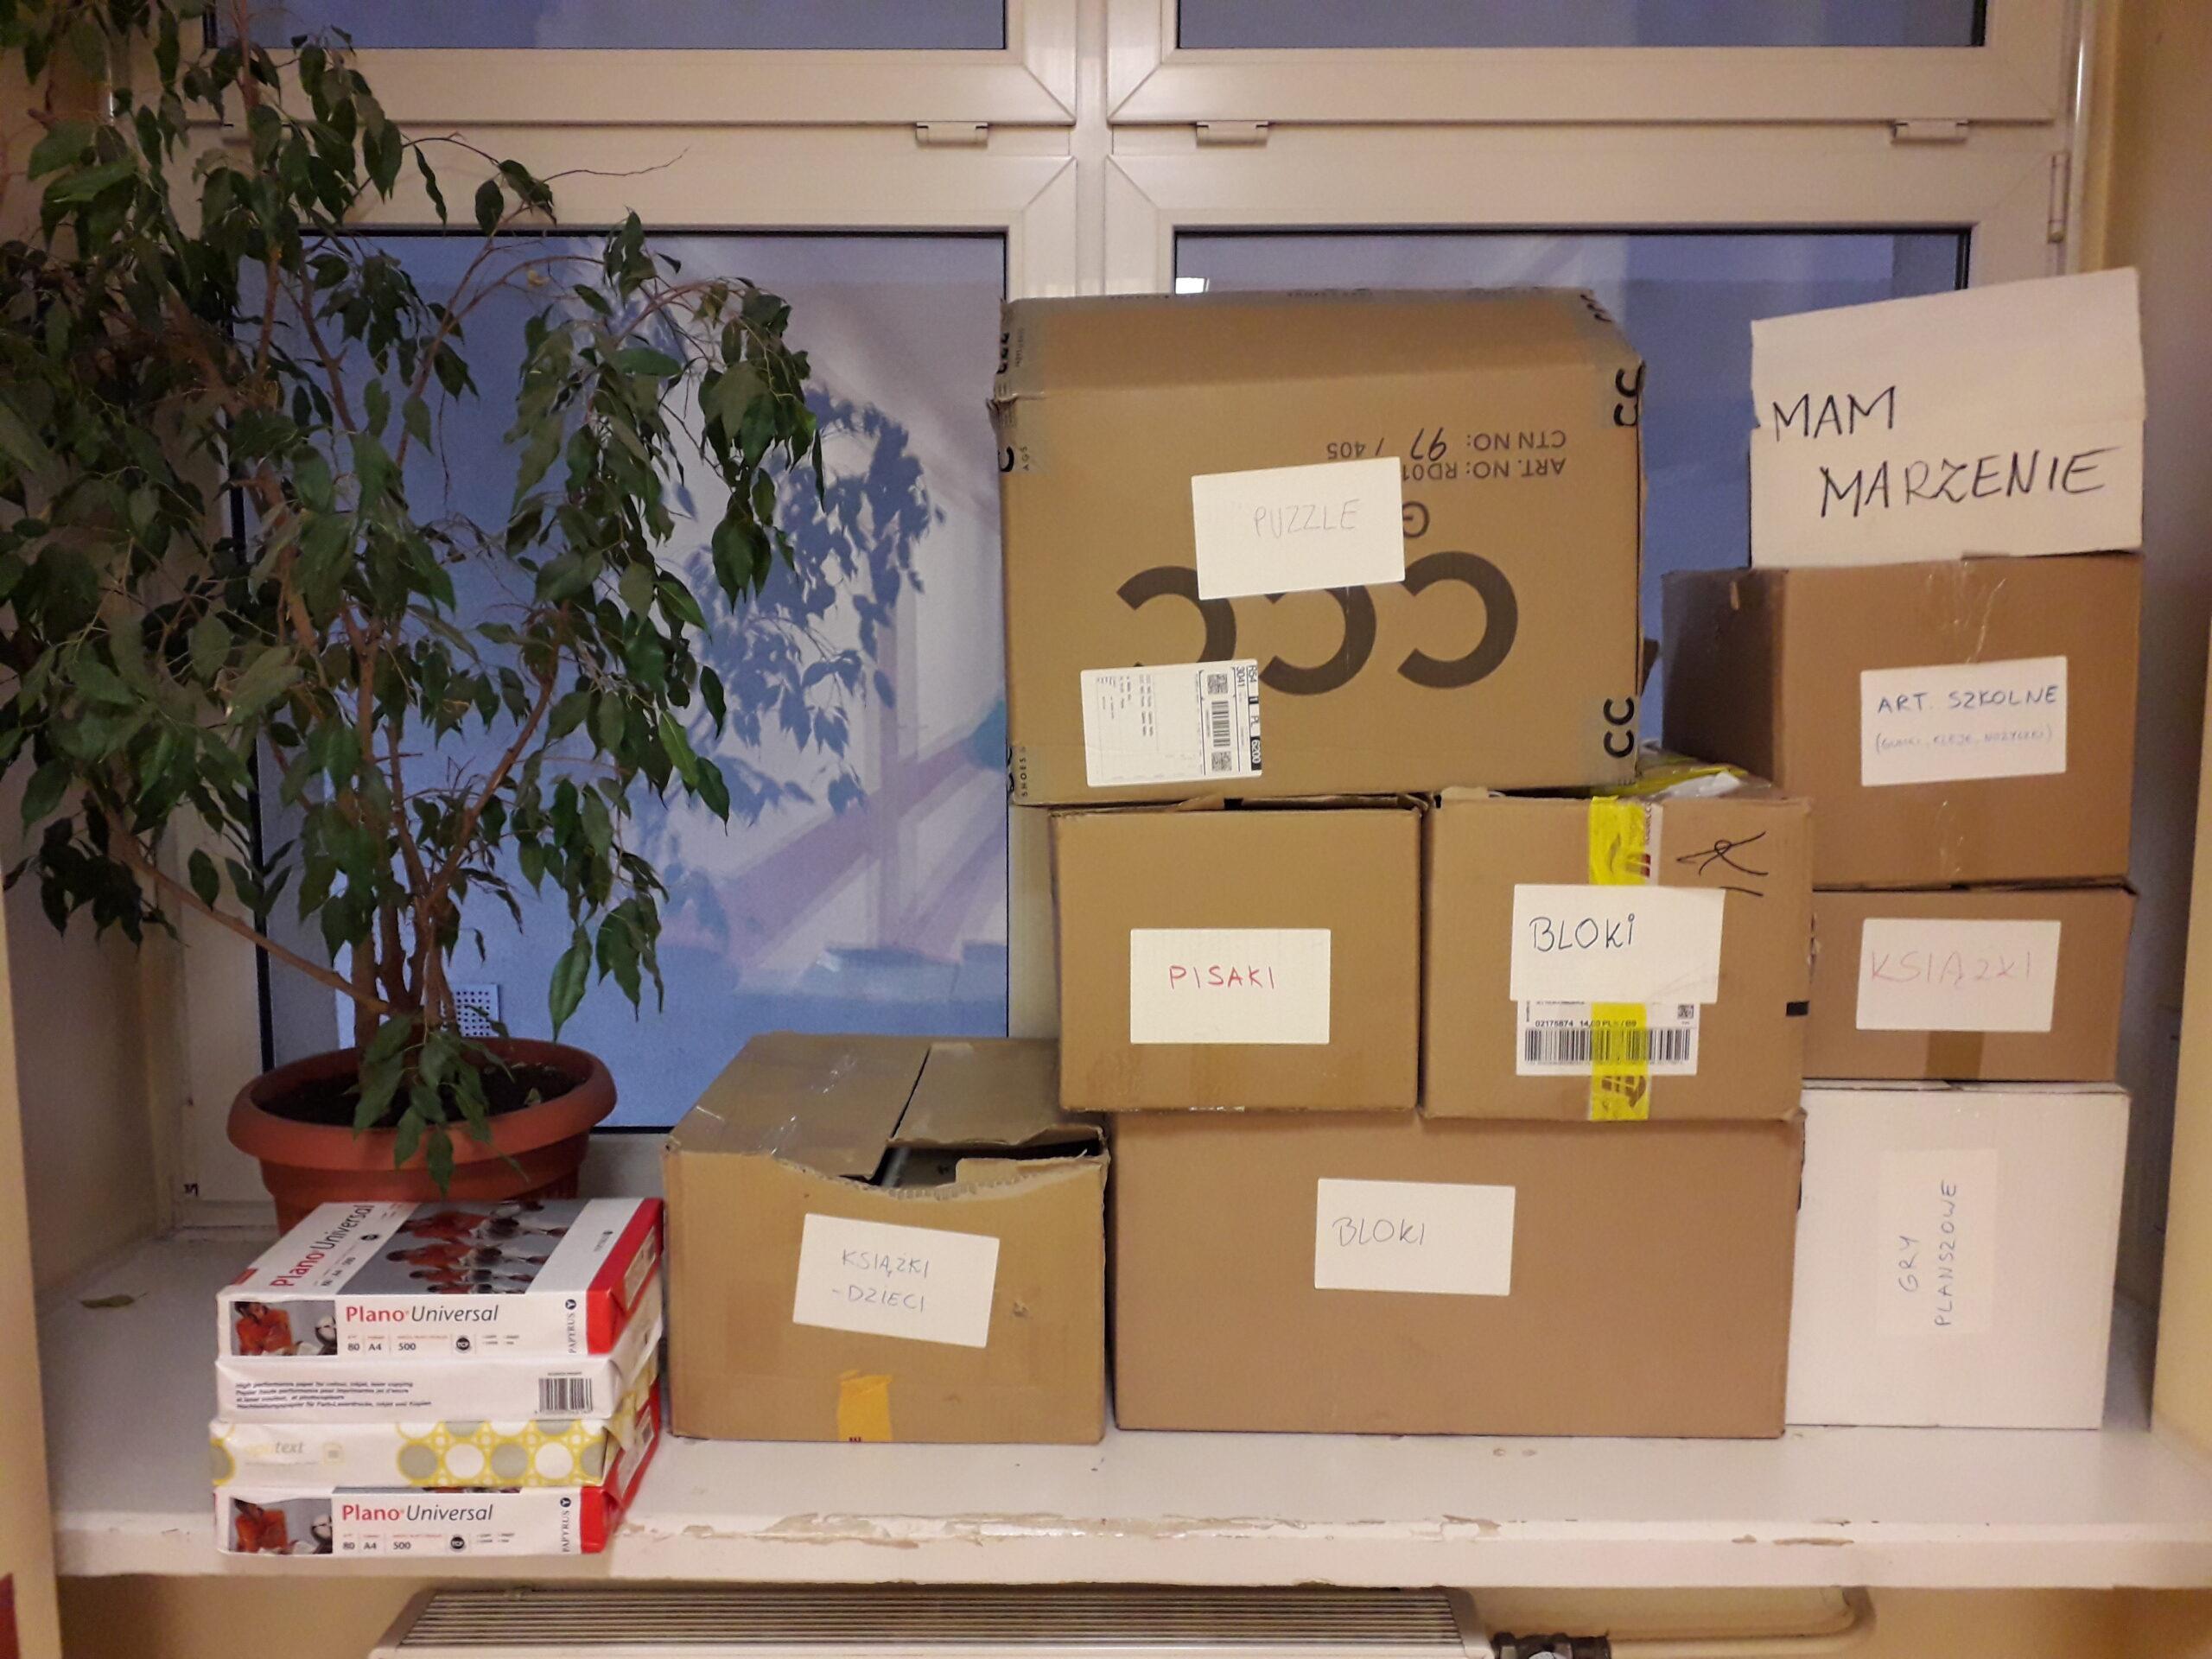 dzień pluszowego misia prezenty  - mammarzenie.org